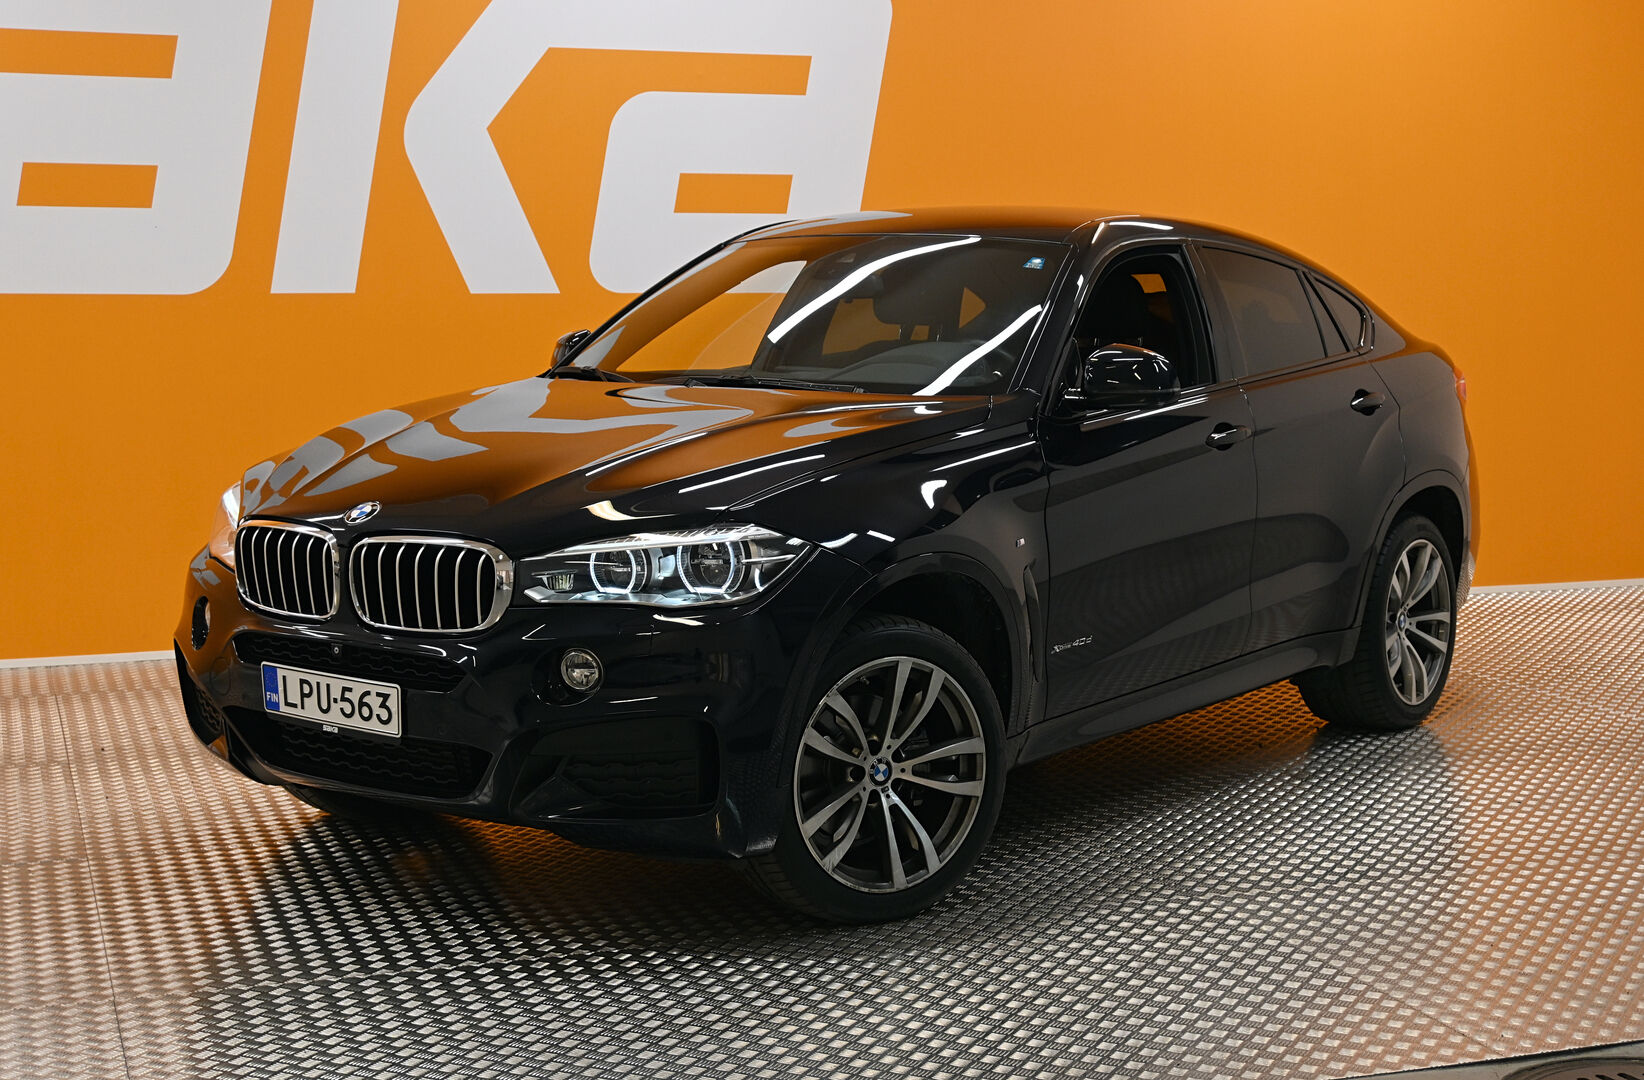 Musta Maastoauto, BMW X6 – OUL-13943, kuva 36